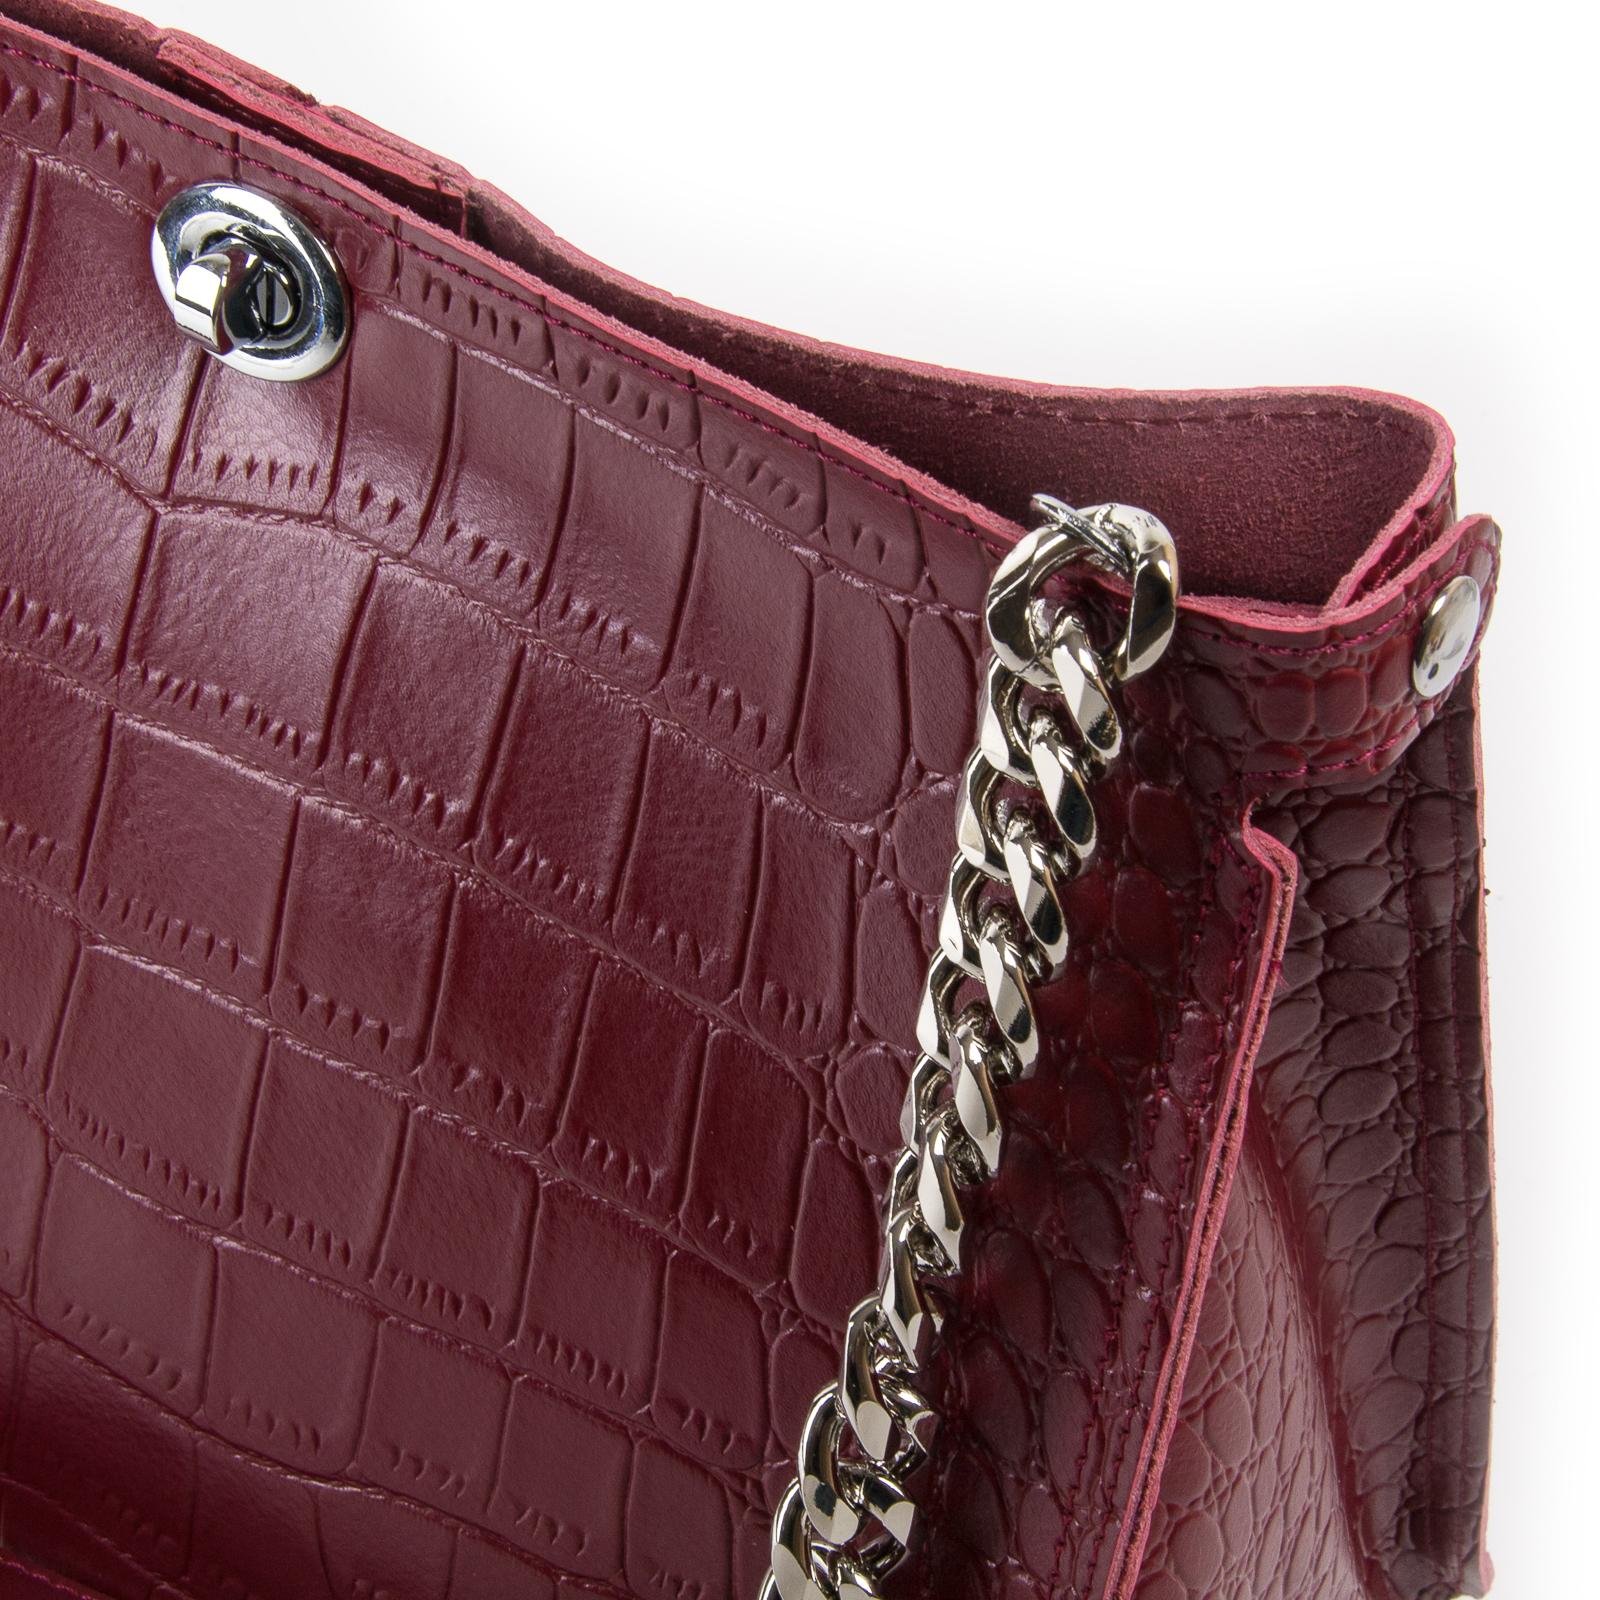 Сумка Женская Классическая кожа ALEX RAI 03-01 3202 light-red - фото 3